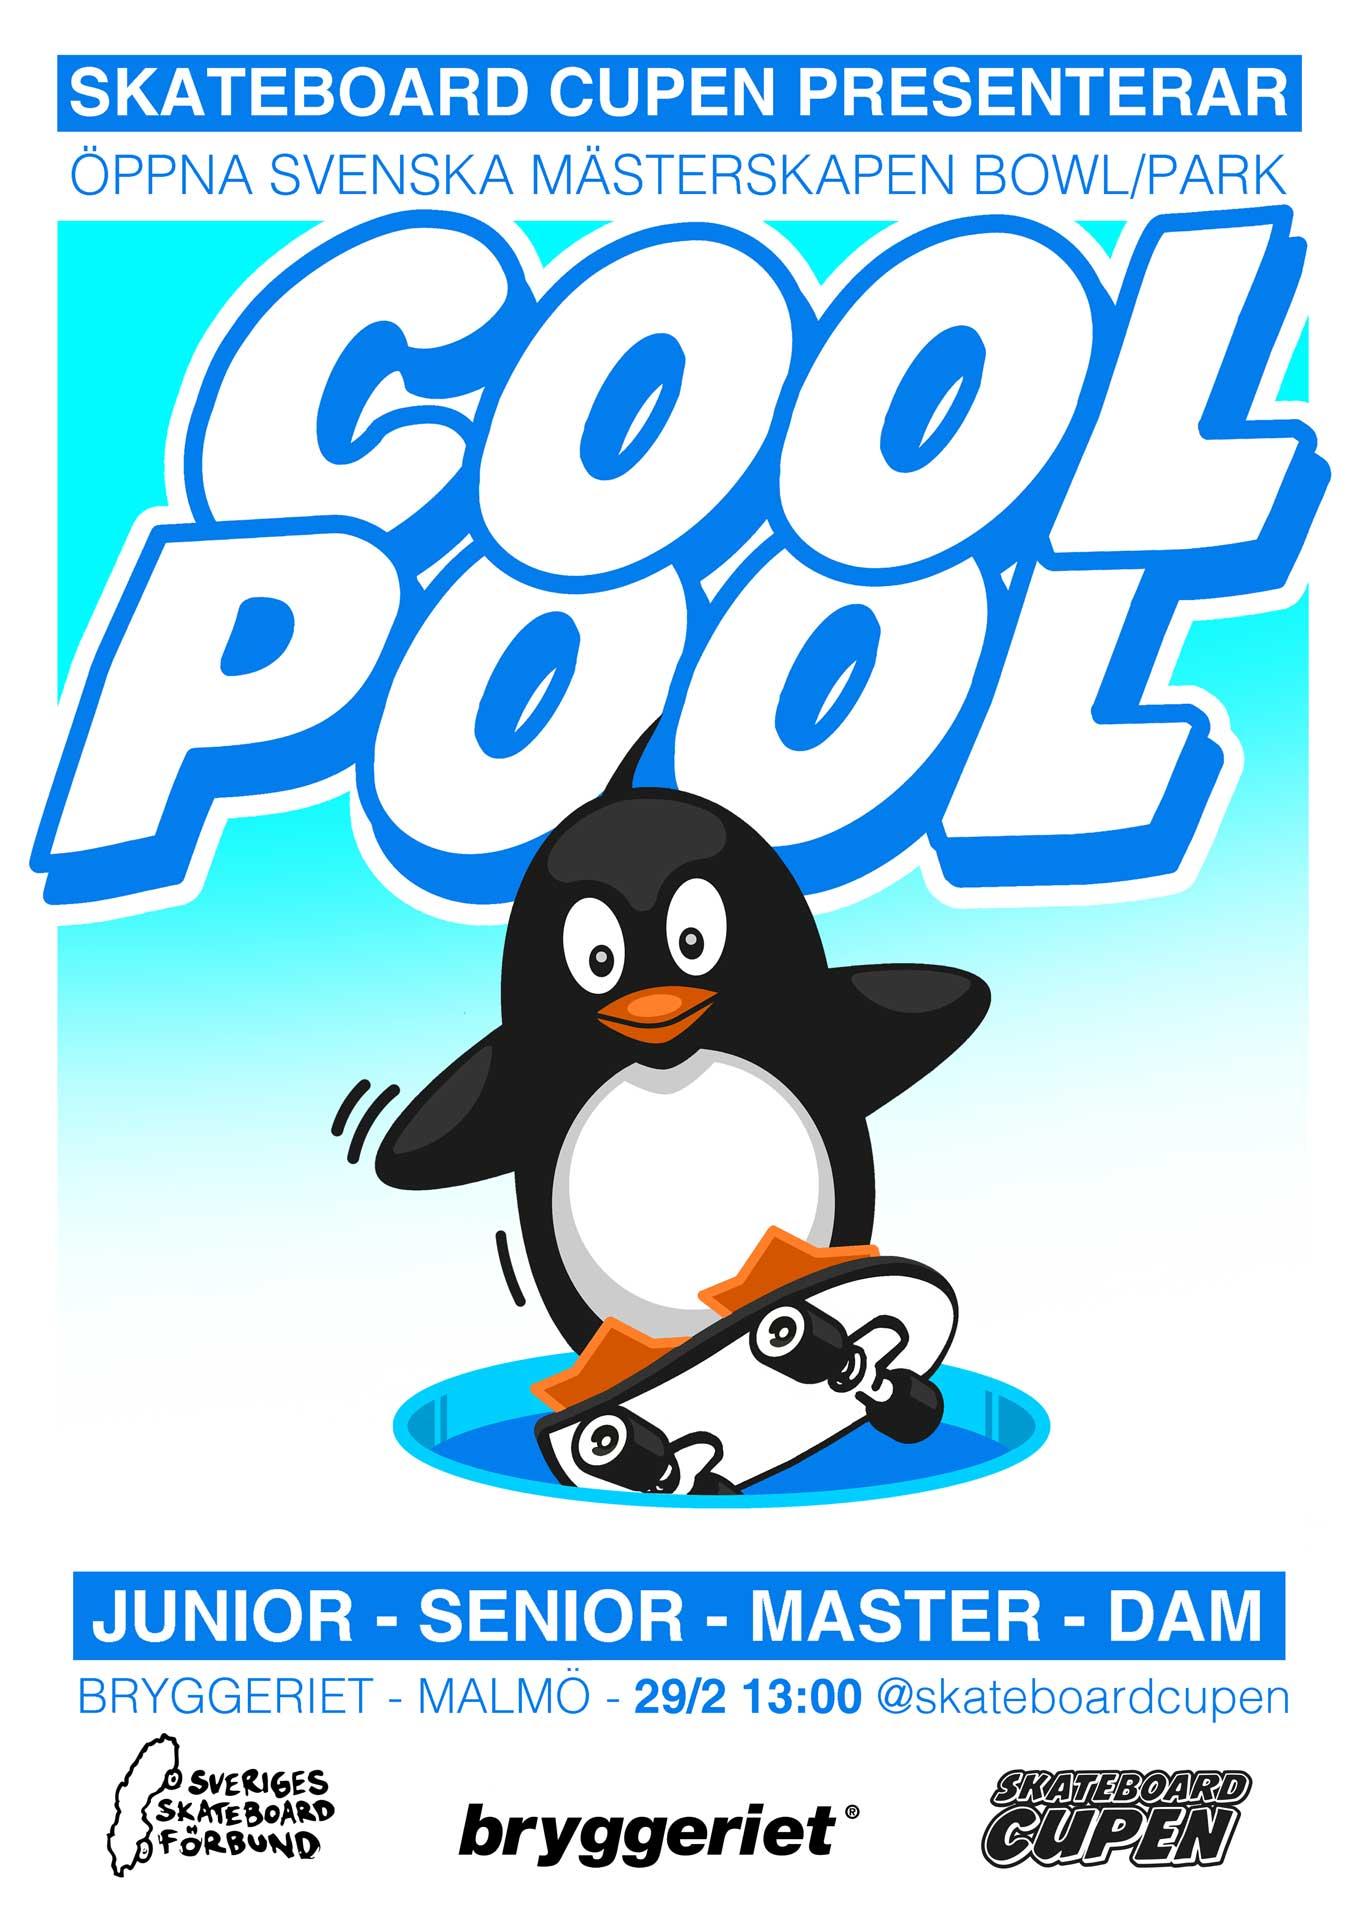 coolpoolposter3